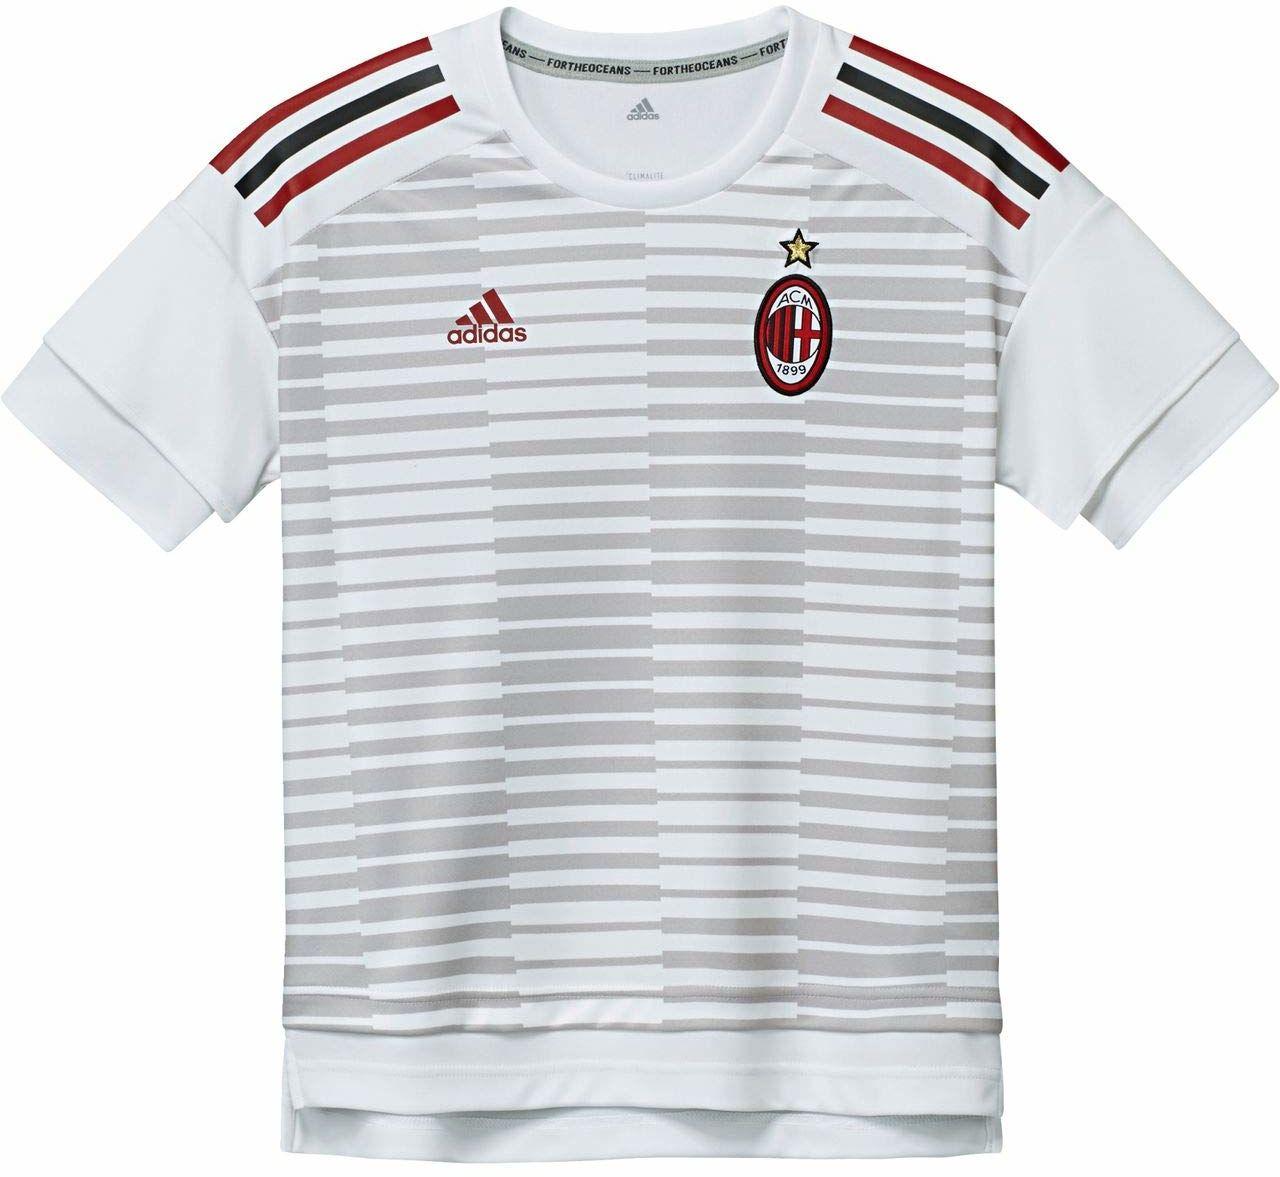 adidas AC Milan 176 koszulka piłkarska dla dzieci, kolor biały